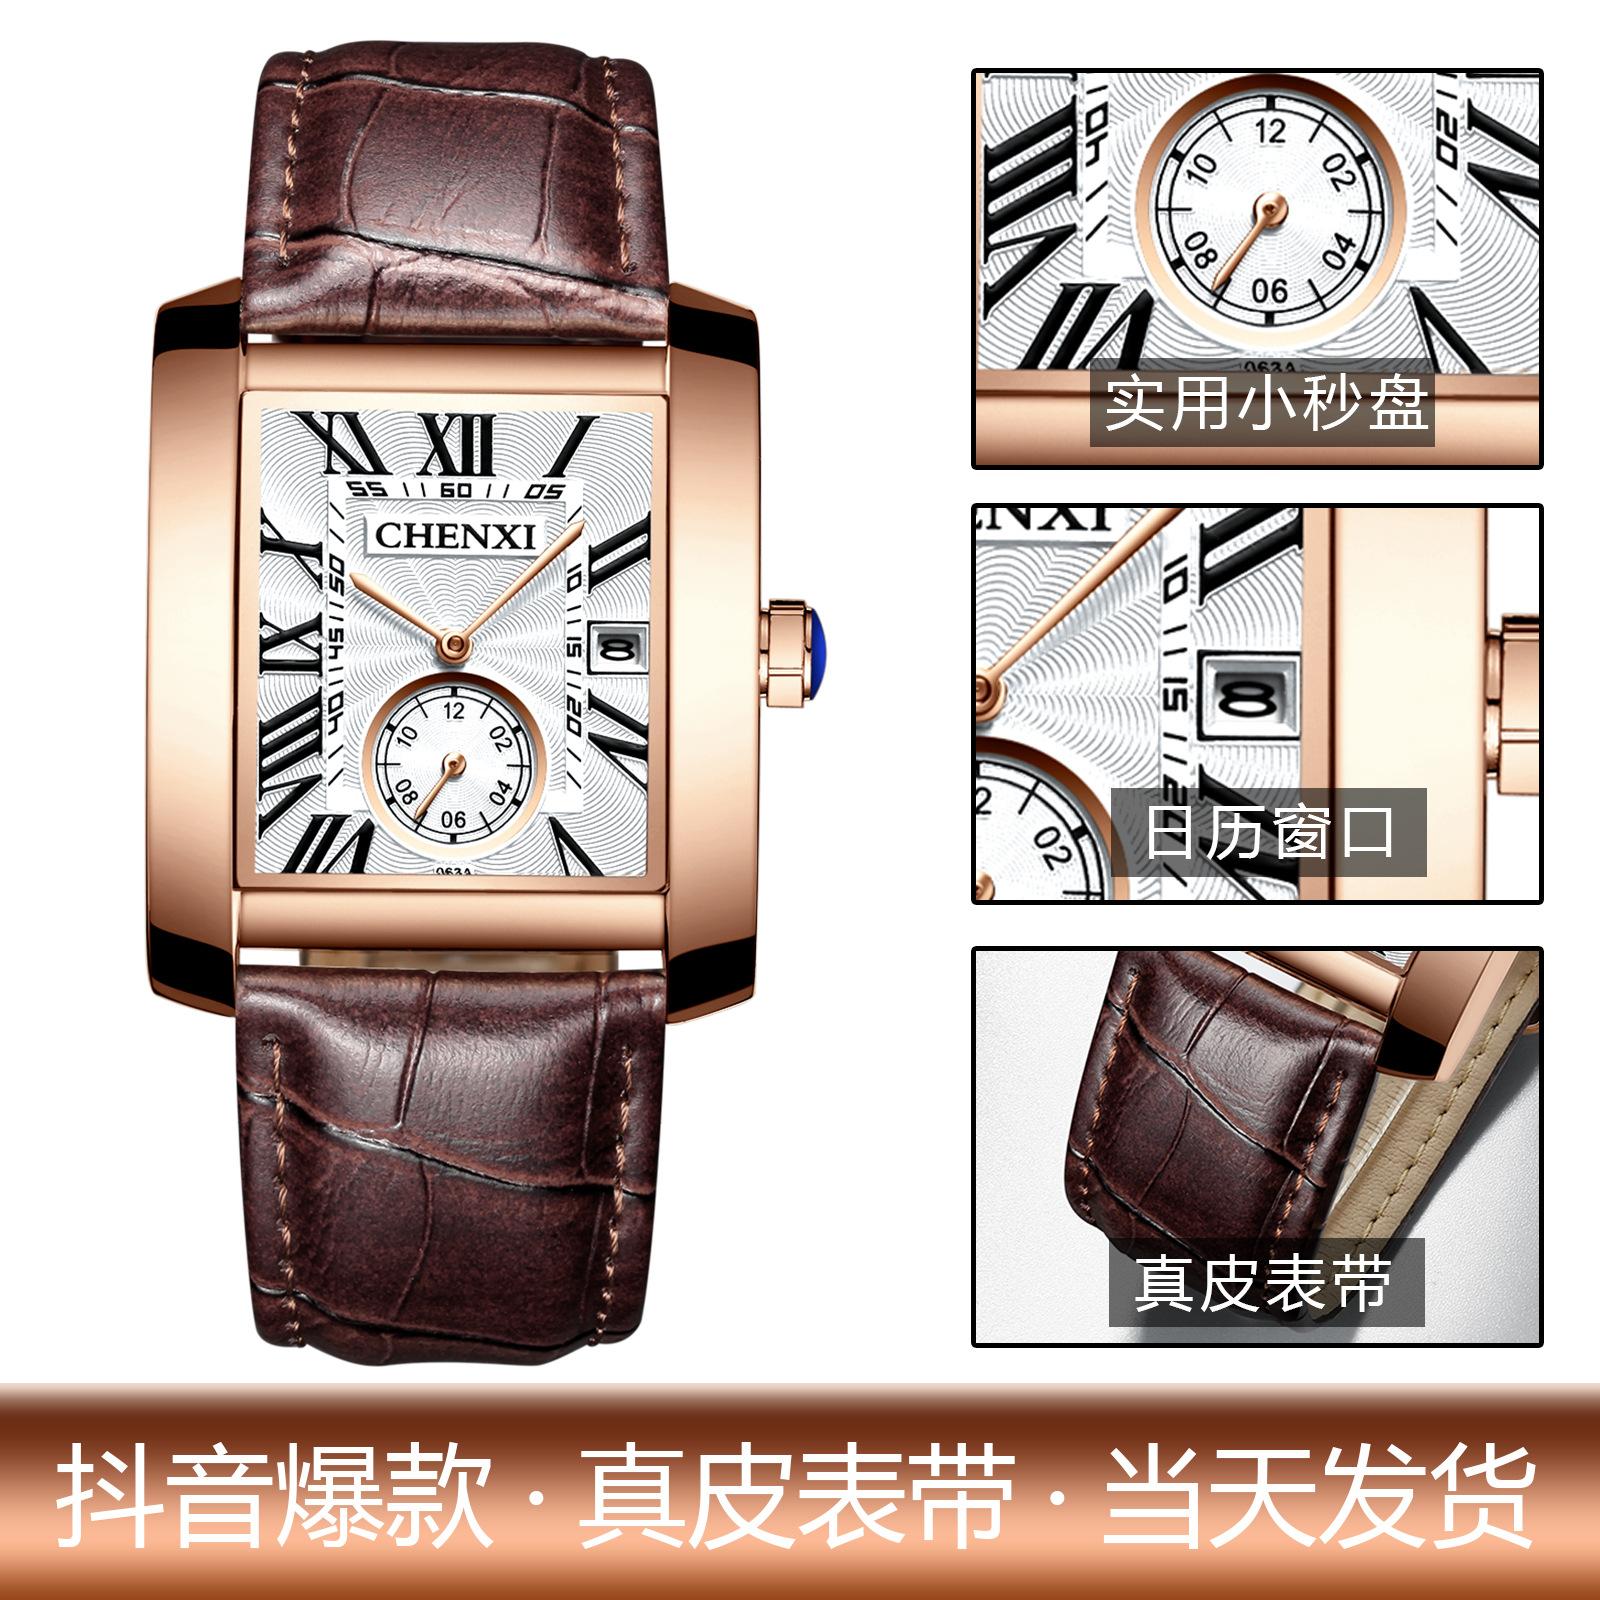 晨曦品牌品质抖音流行男男士时尚真皮日历方形手表watch国产腕表